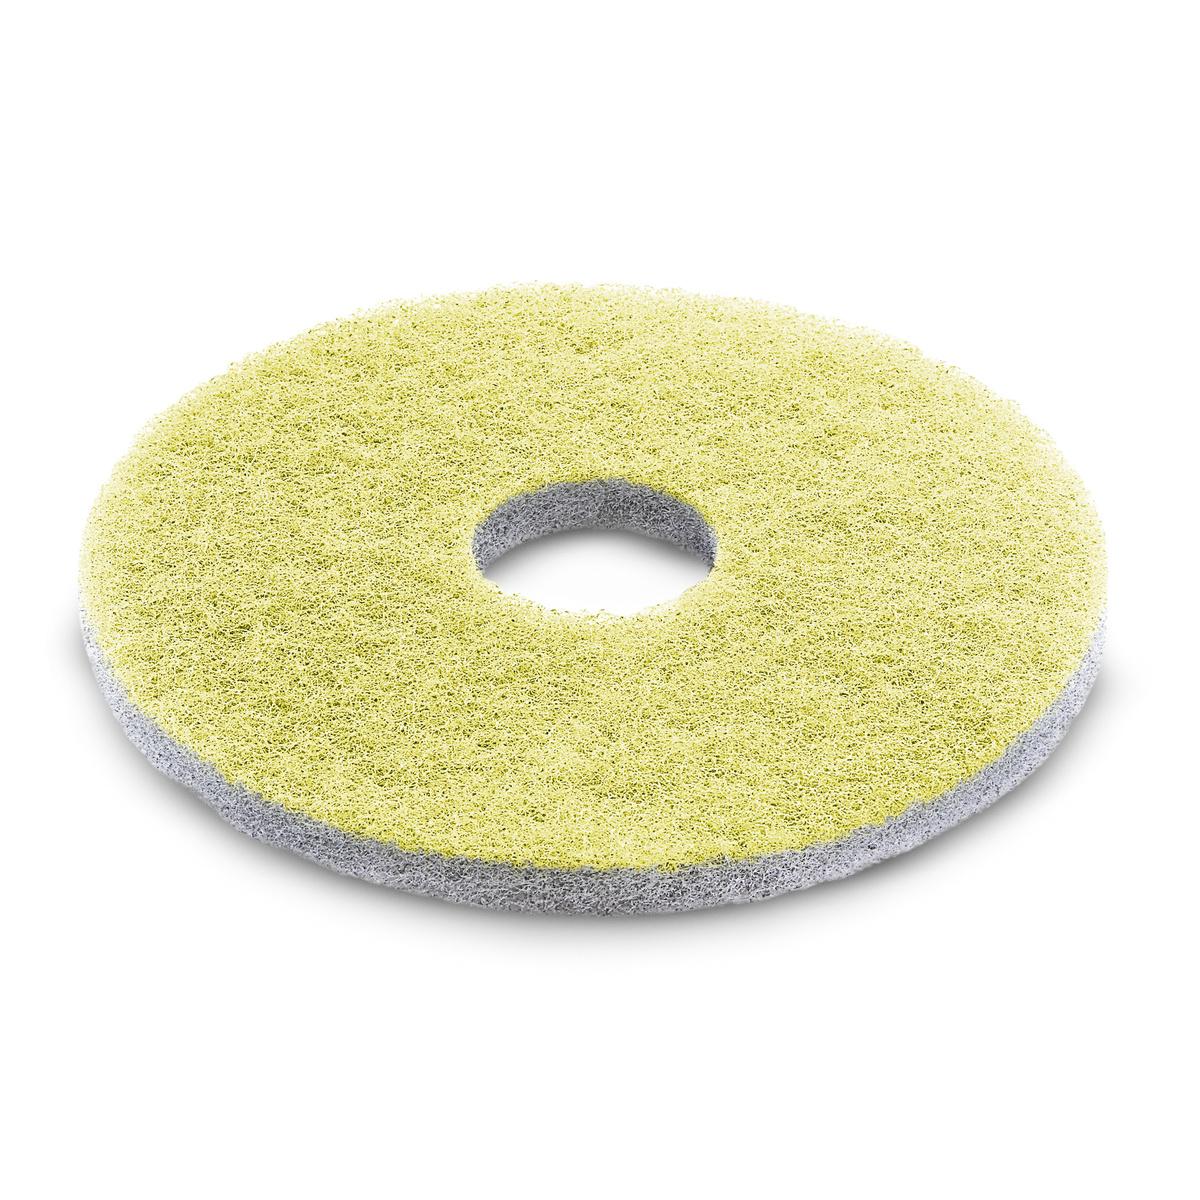 Diamantpad, mittel, gelb, 385 mm, 5 St.